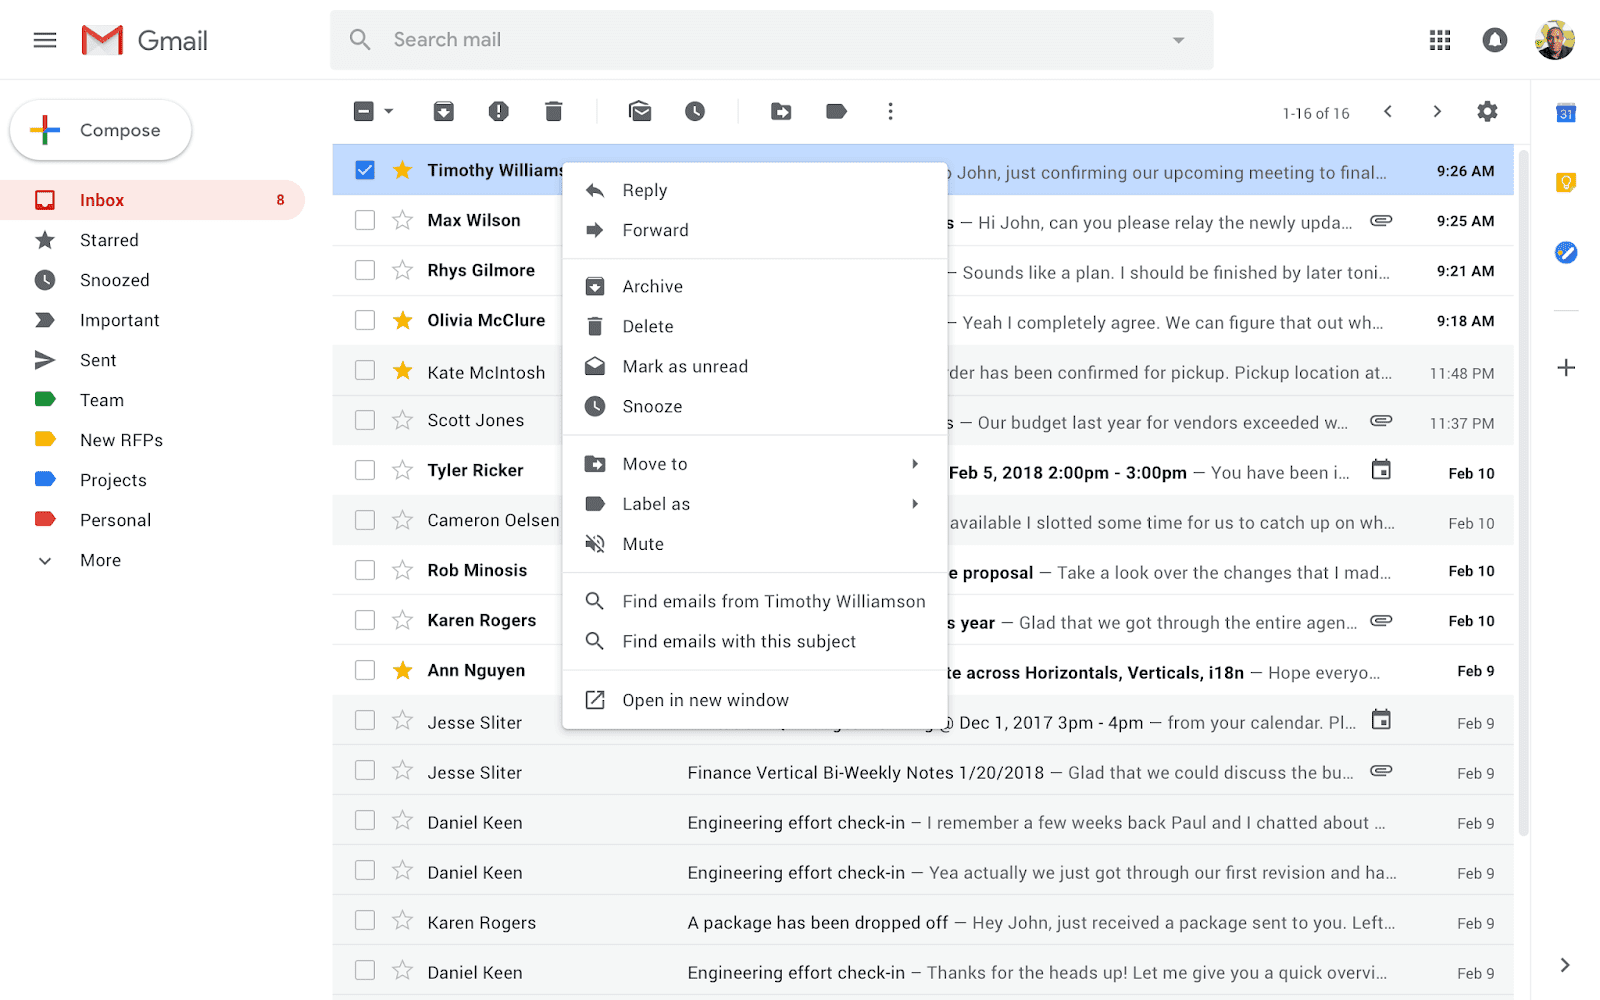 gmail, haga clic con el botón derecho del ratón